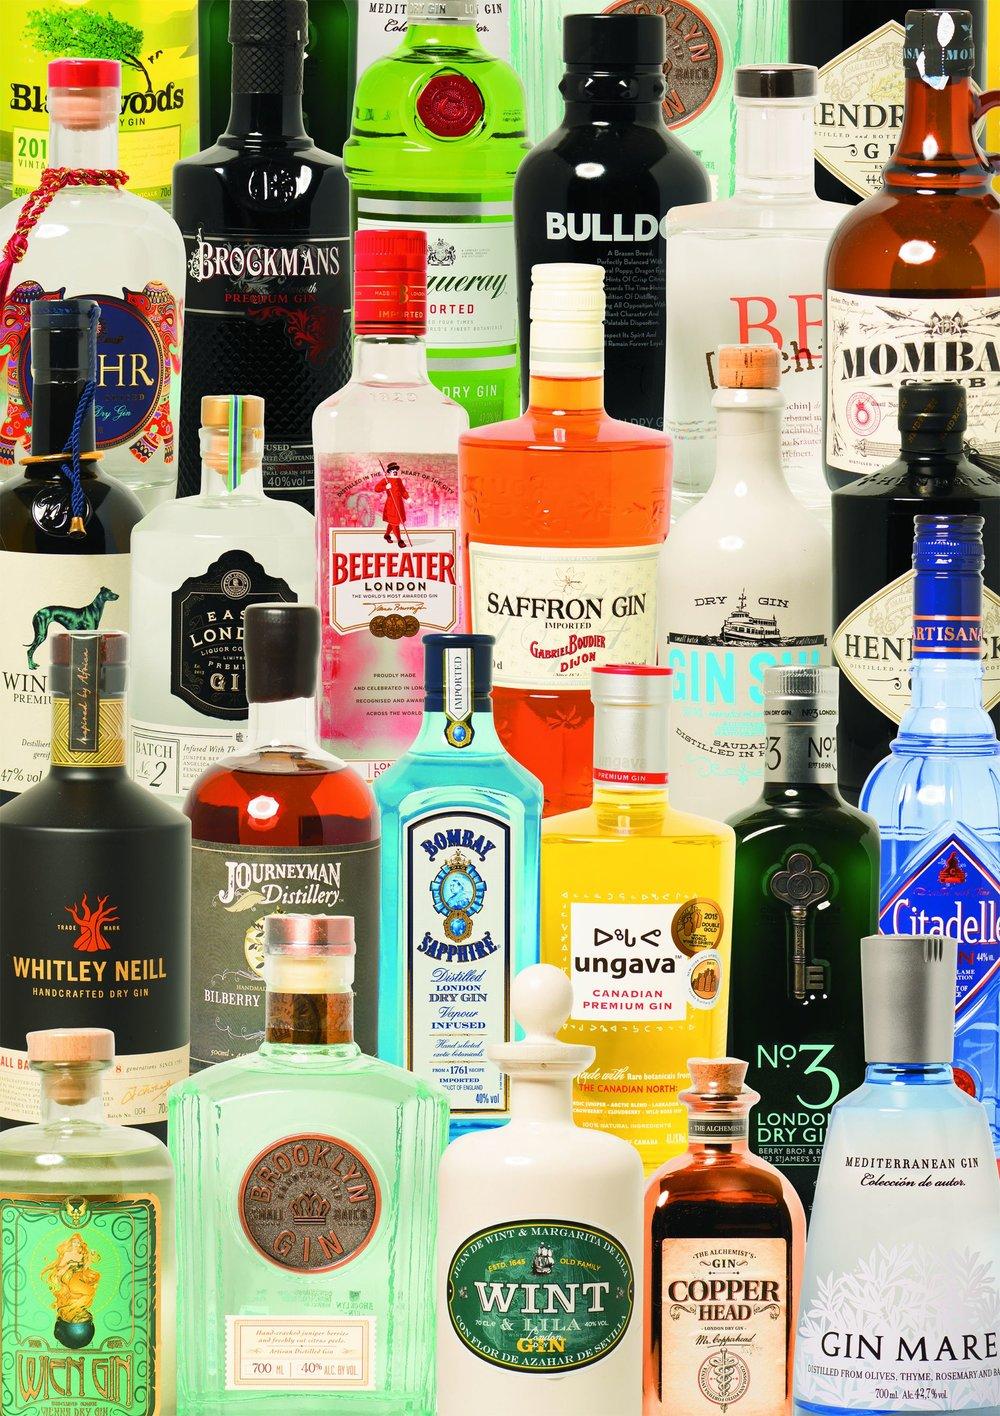 Taste of Gin (5494)